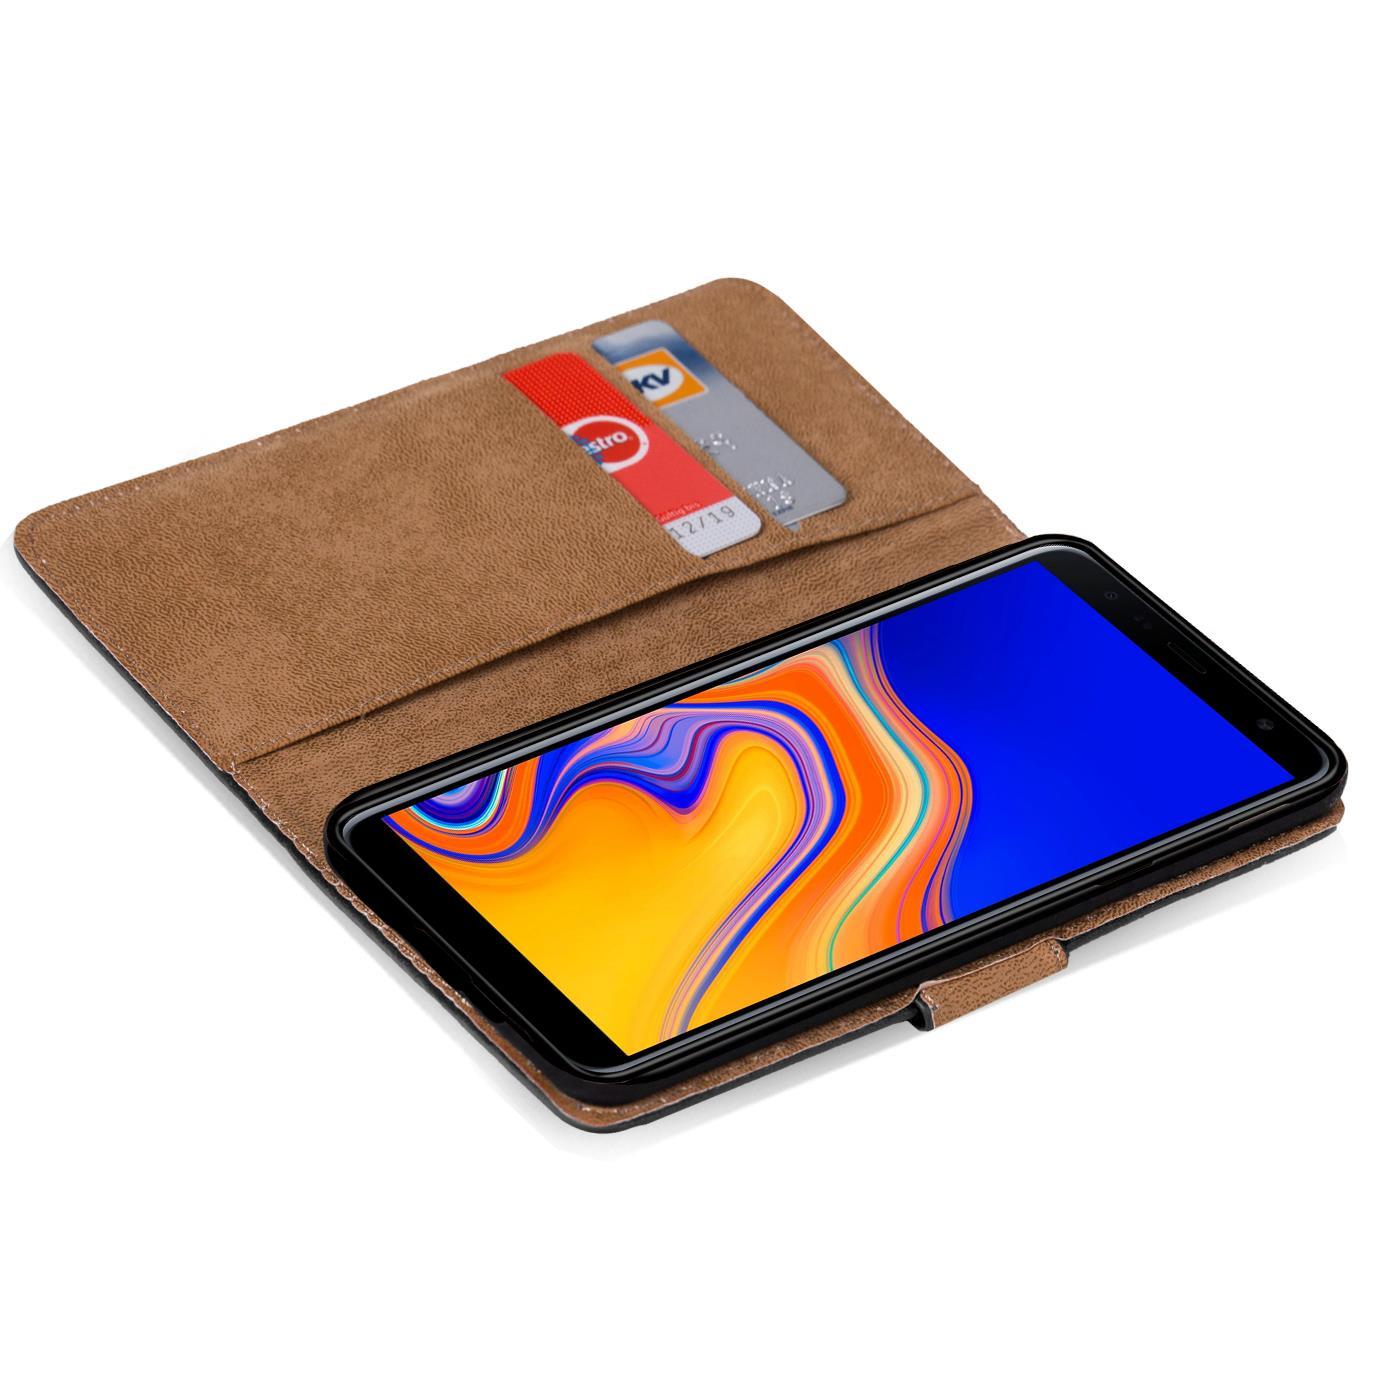 Samsung-Galaxy-J4-Plus-Handy-Klapp-Tasche-Schutz-Huelle-Book-Flip-Cover-Case-Etui Indexbild 13